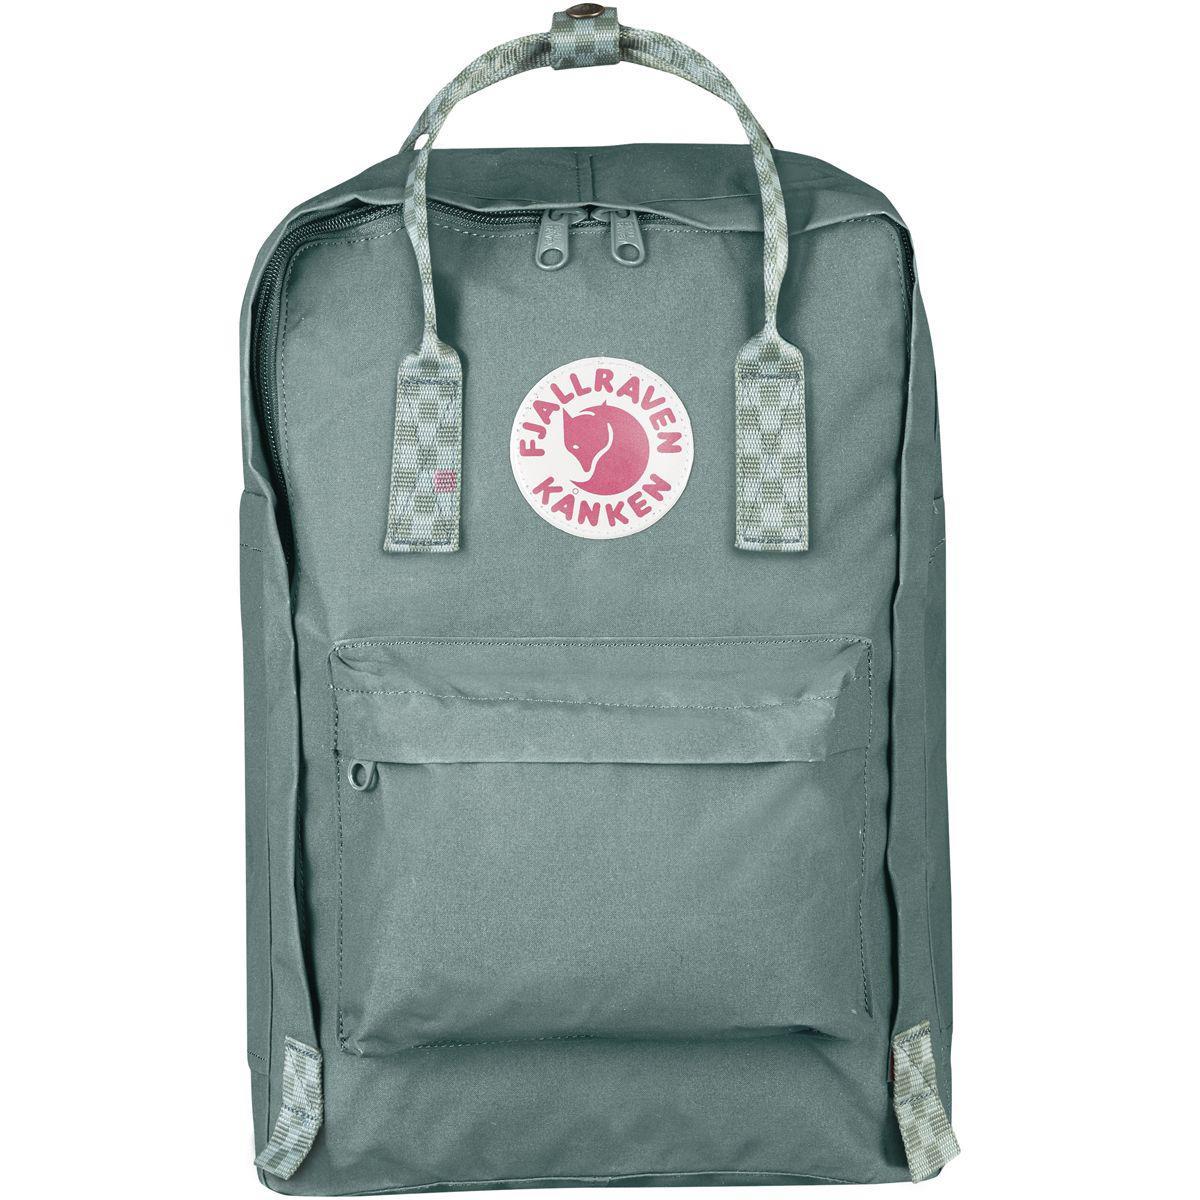 Kanken Padded Laptop Backpack Ceagesp Fjallraven No2 Full Black Knken No 2 15 Unisex Fjallravencom